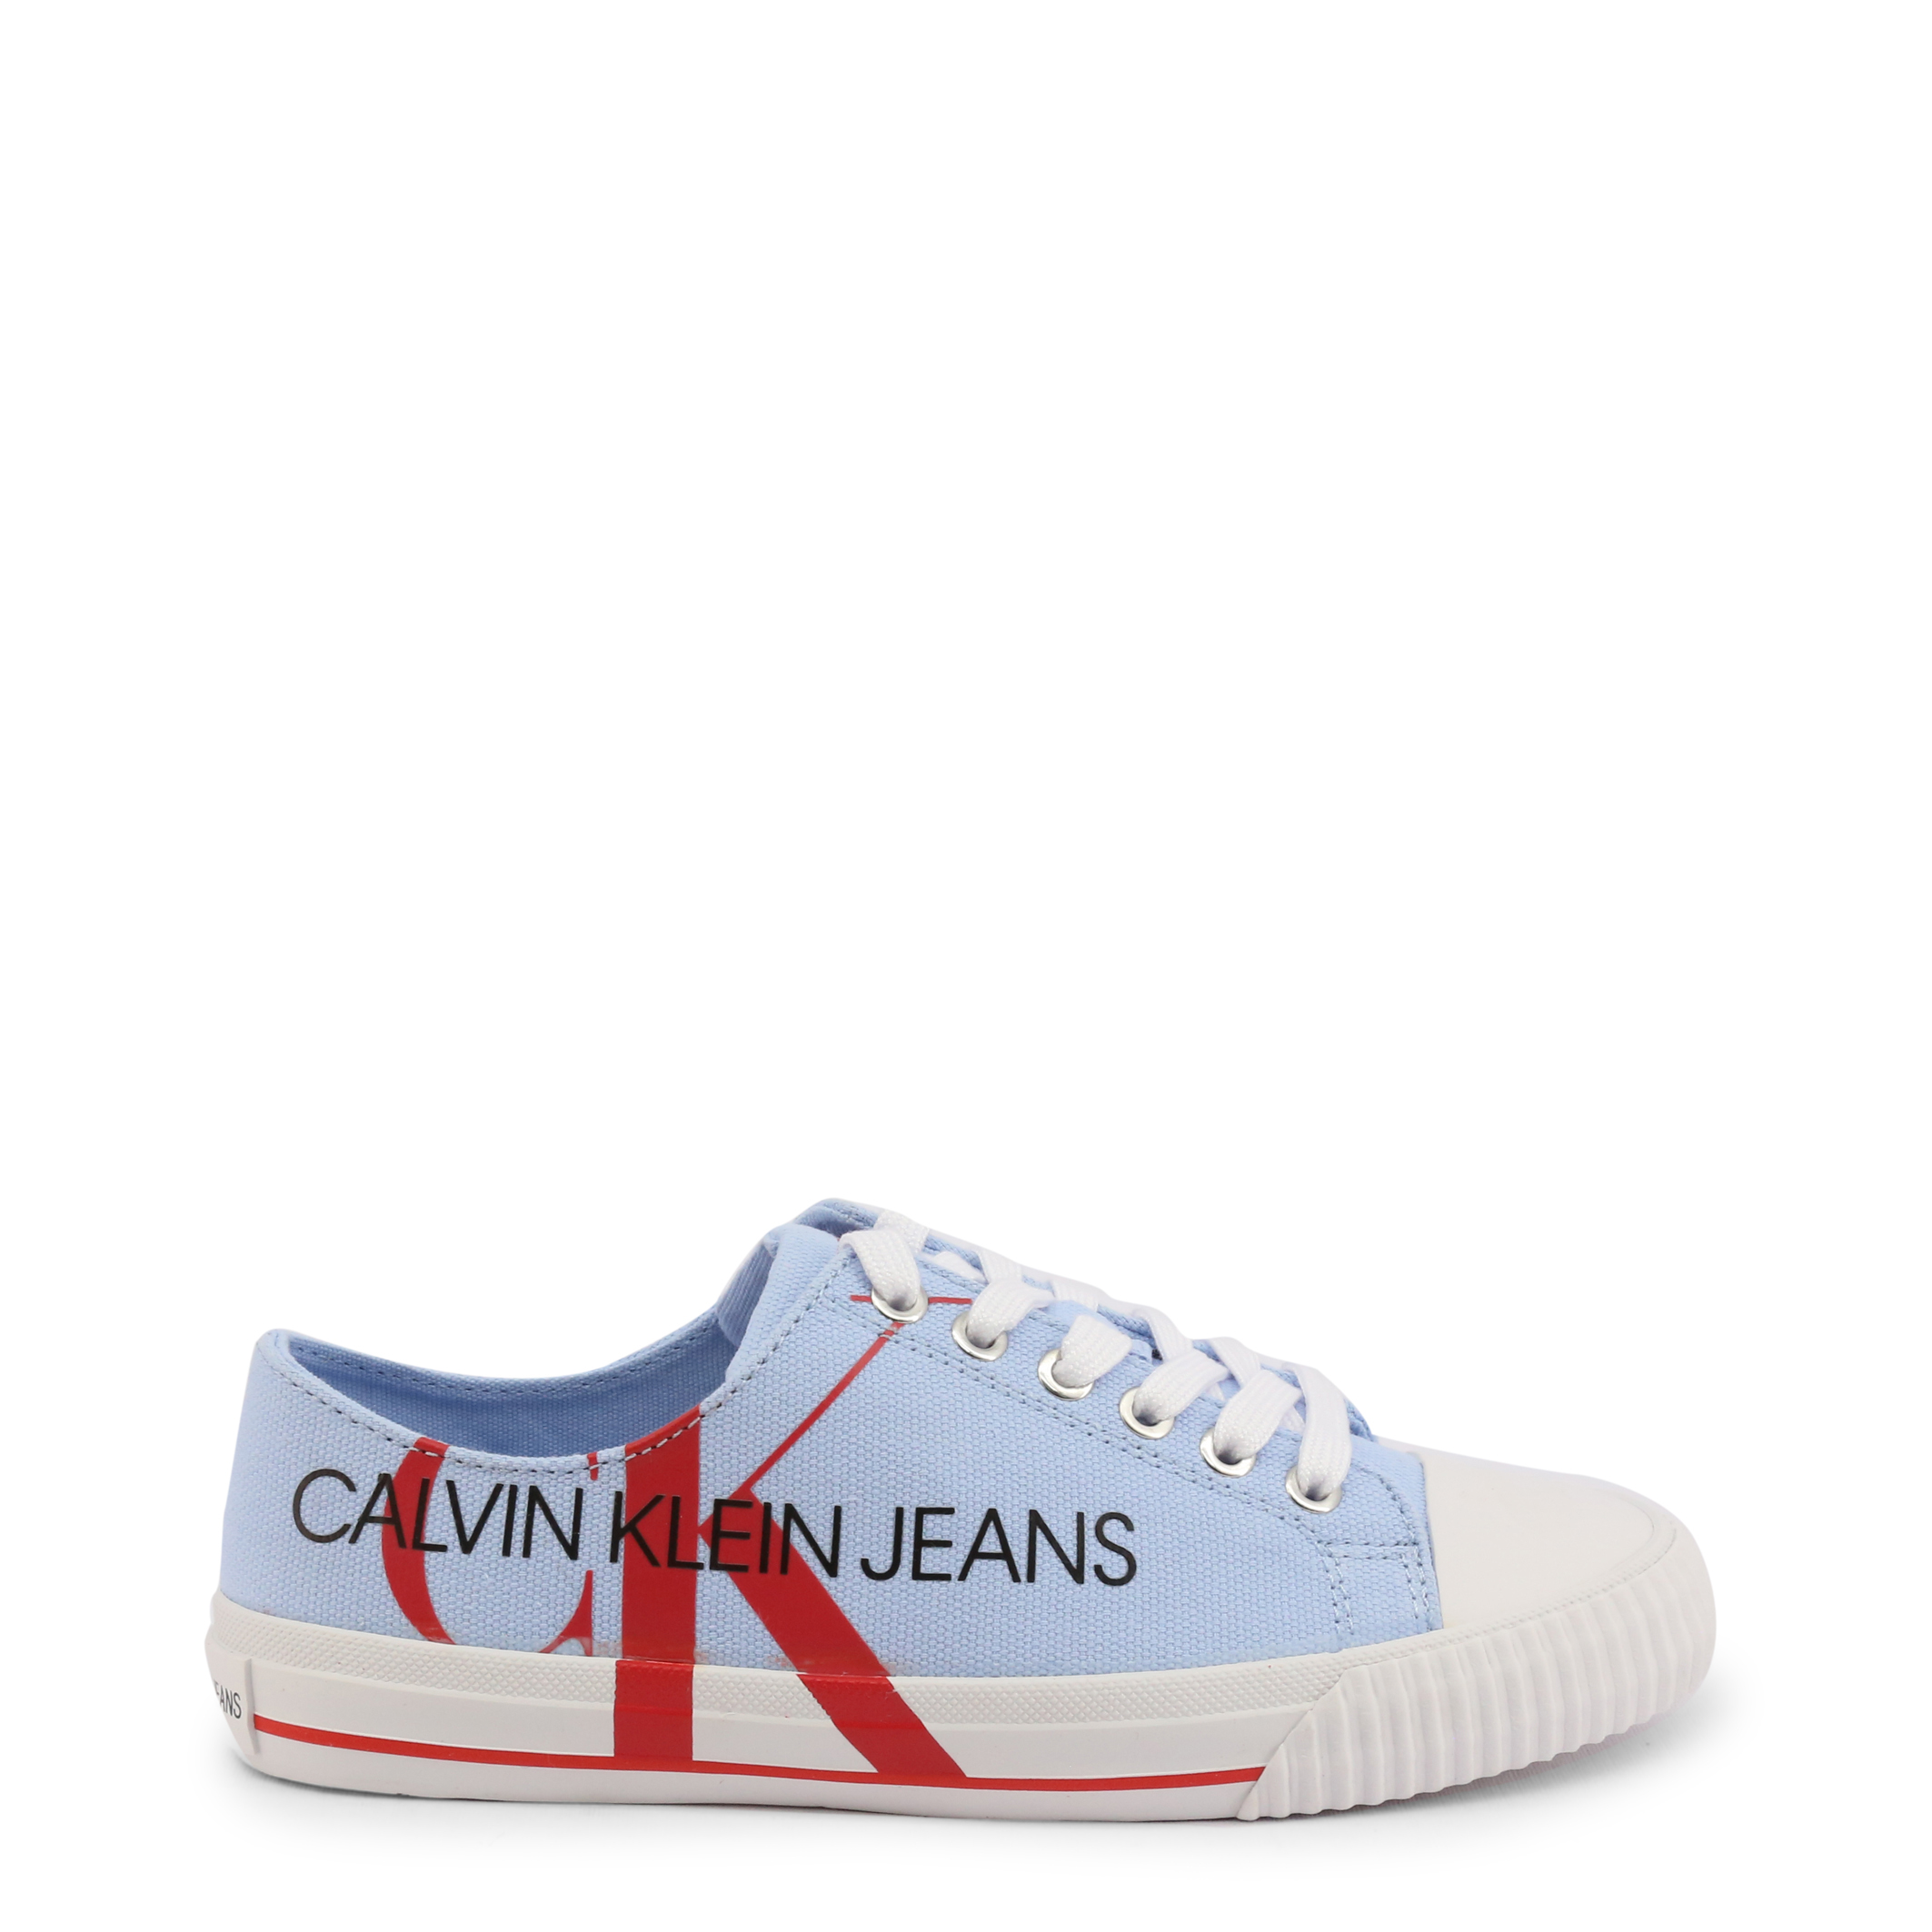 Calvin Klein DEMIANNE B4R0856